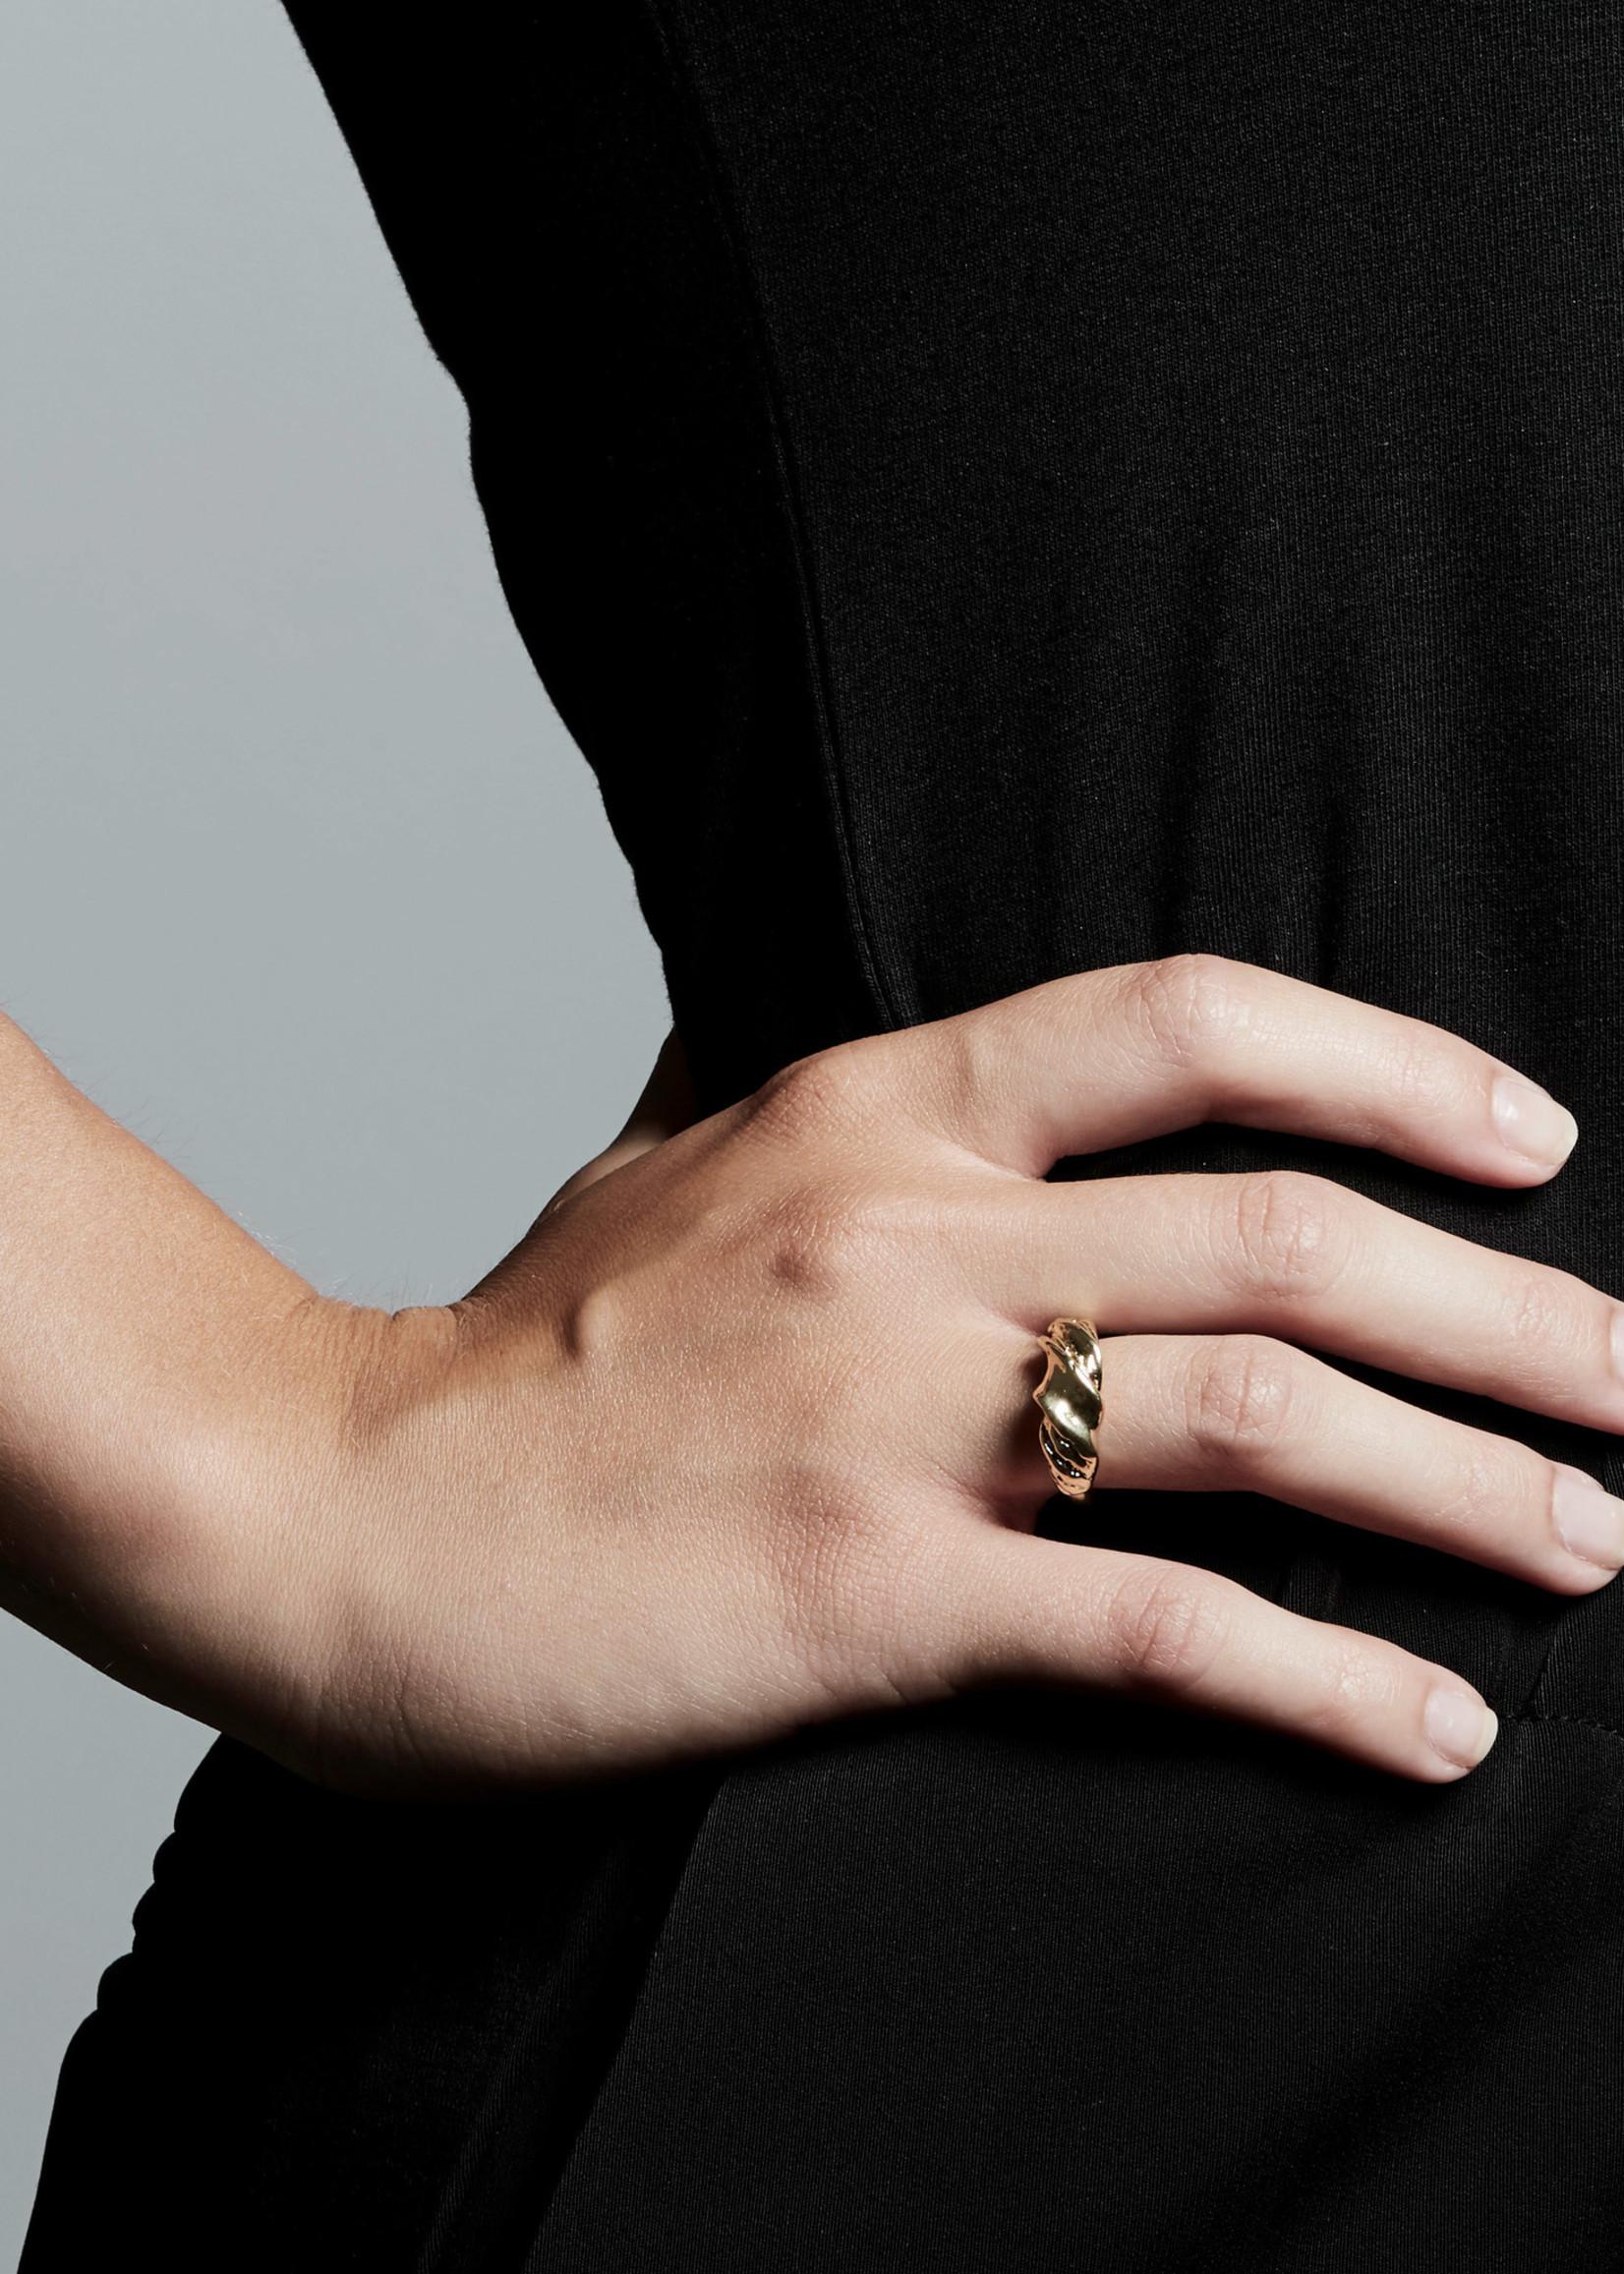 PILGRIM PILGRIM SIMPLICITY GOLD RING